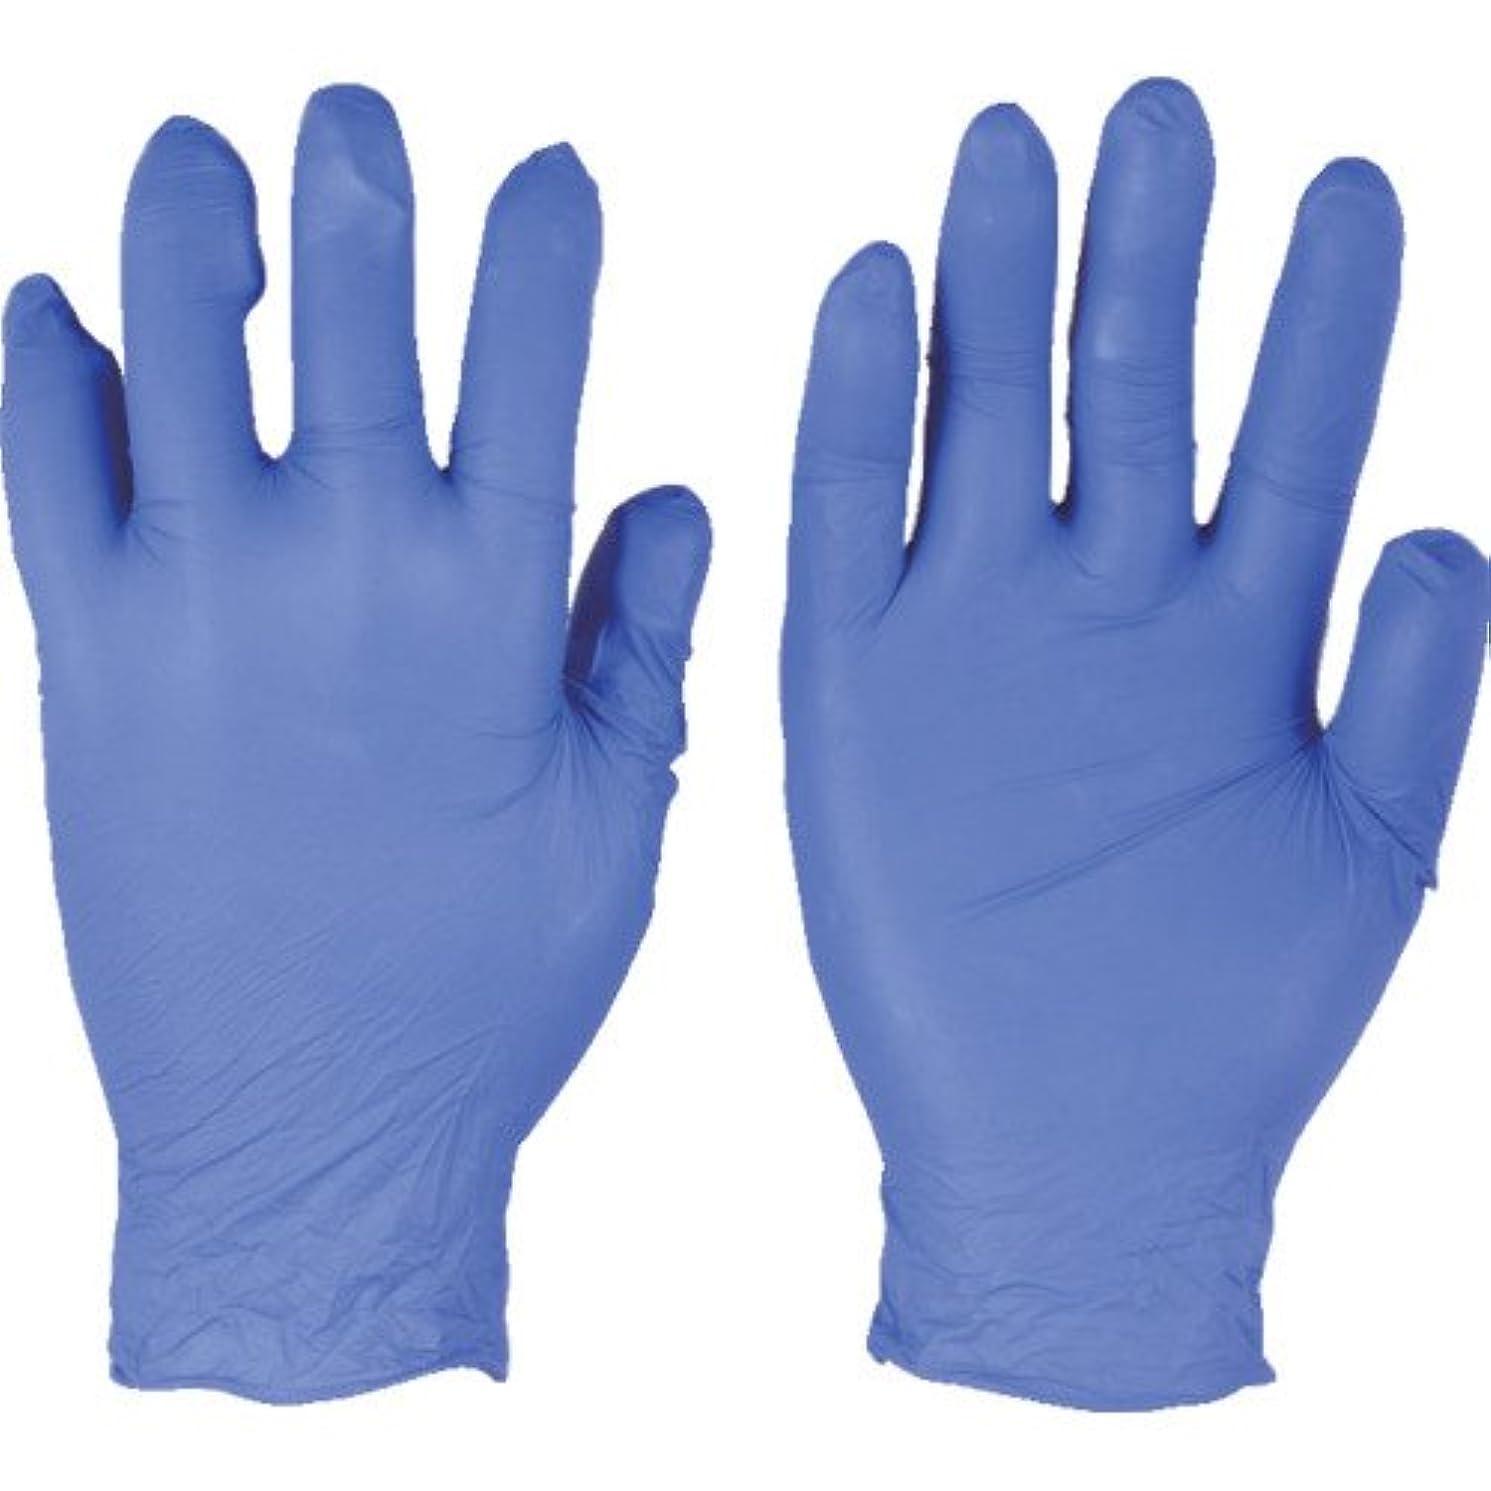 突進風刺海洋トラスコ中山 アンセル ニトリルゴム使い捨て手袋 エッジ 82-133 Mサイズ(300枚入り)  (300枚入) 821338